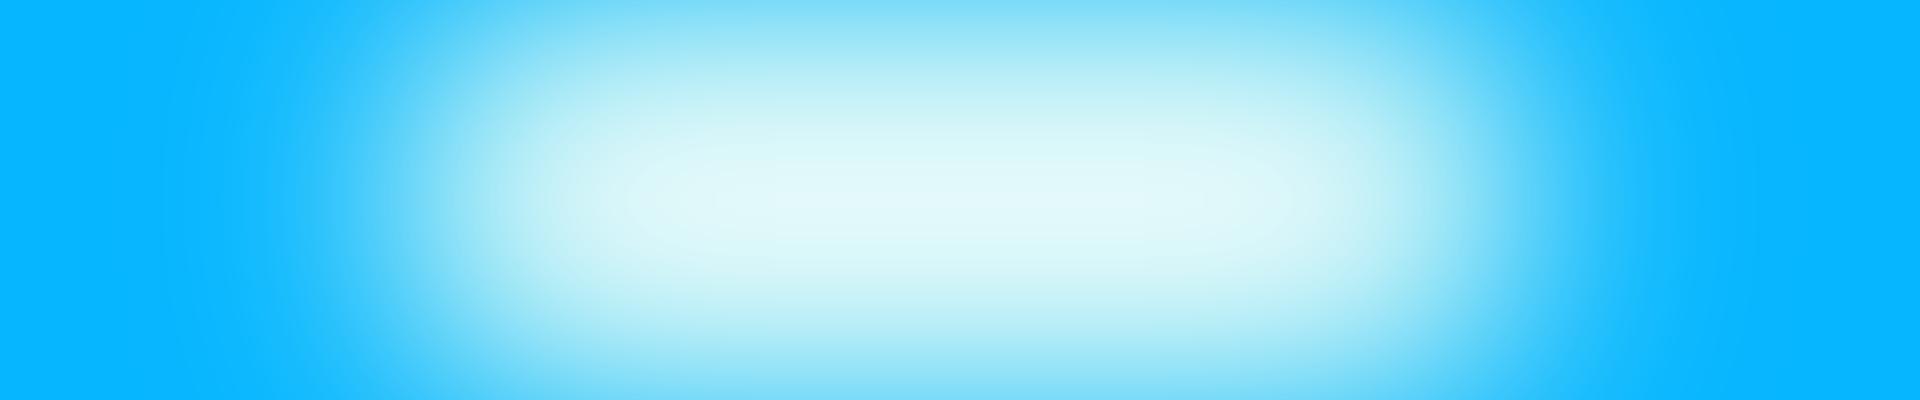 bg-slider-skyblue-white